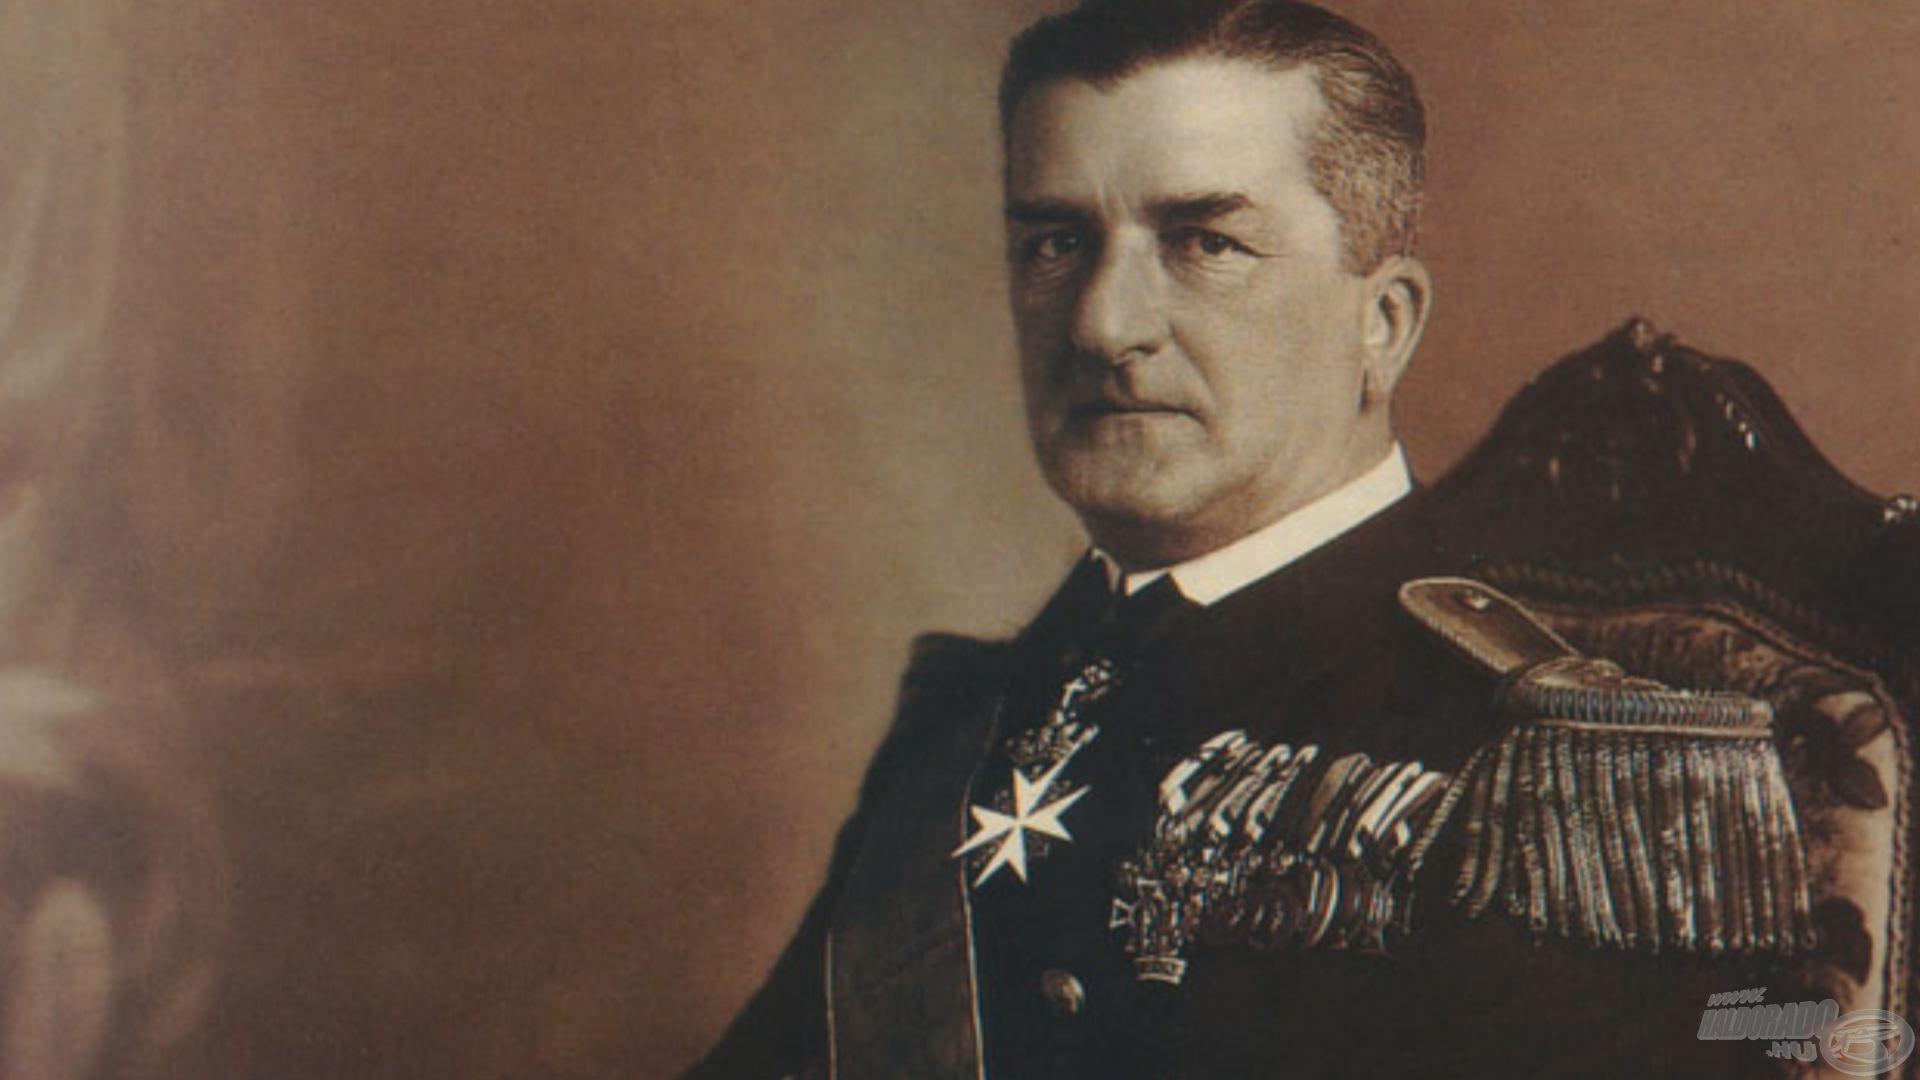 Horthy Miklós kormányzó (címer) 1926